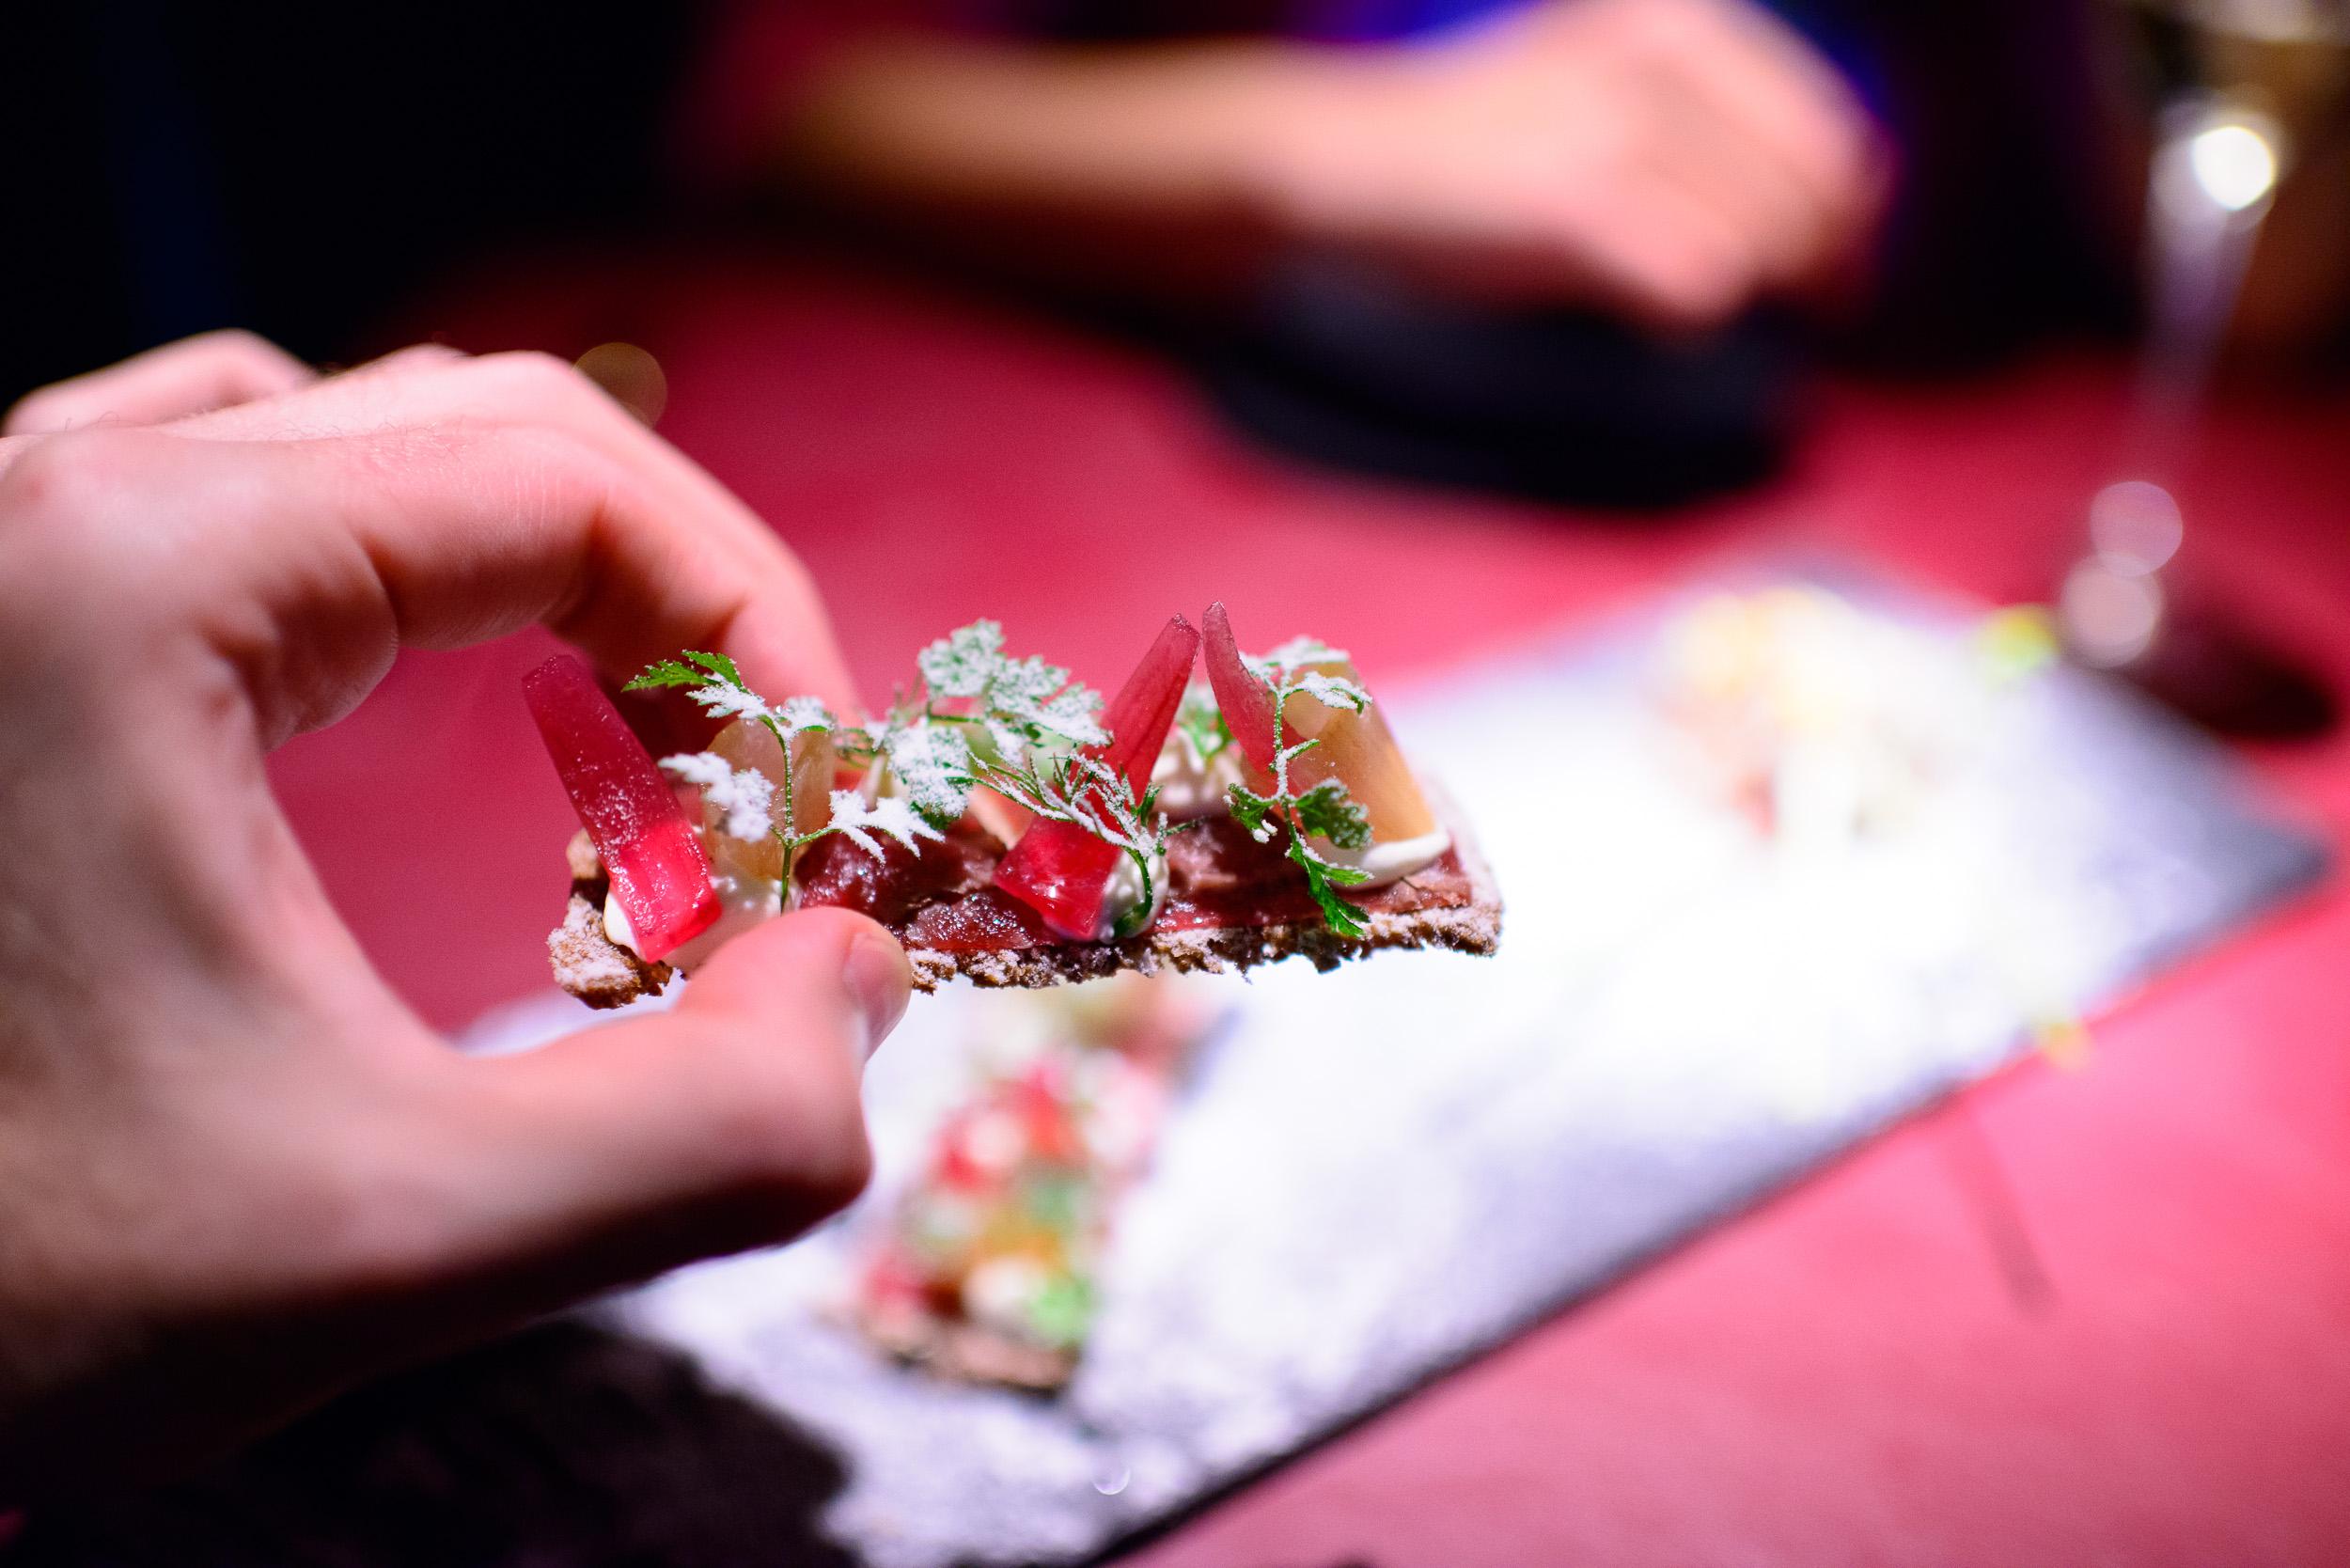 Paisaje Nordico: La tostada y la zanahoria, up close